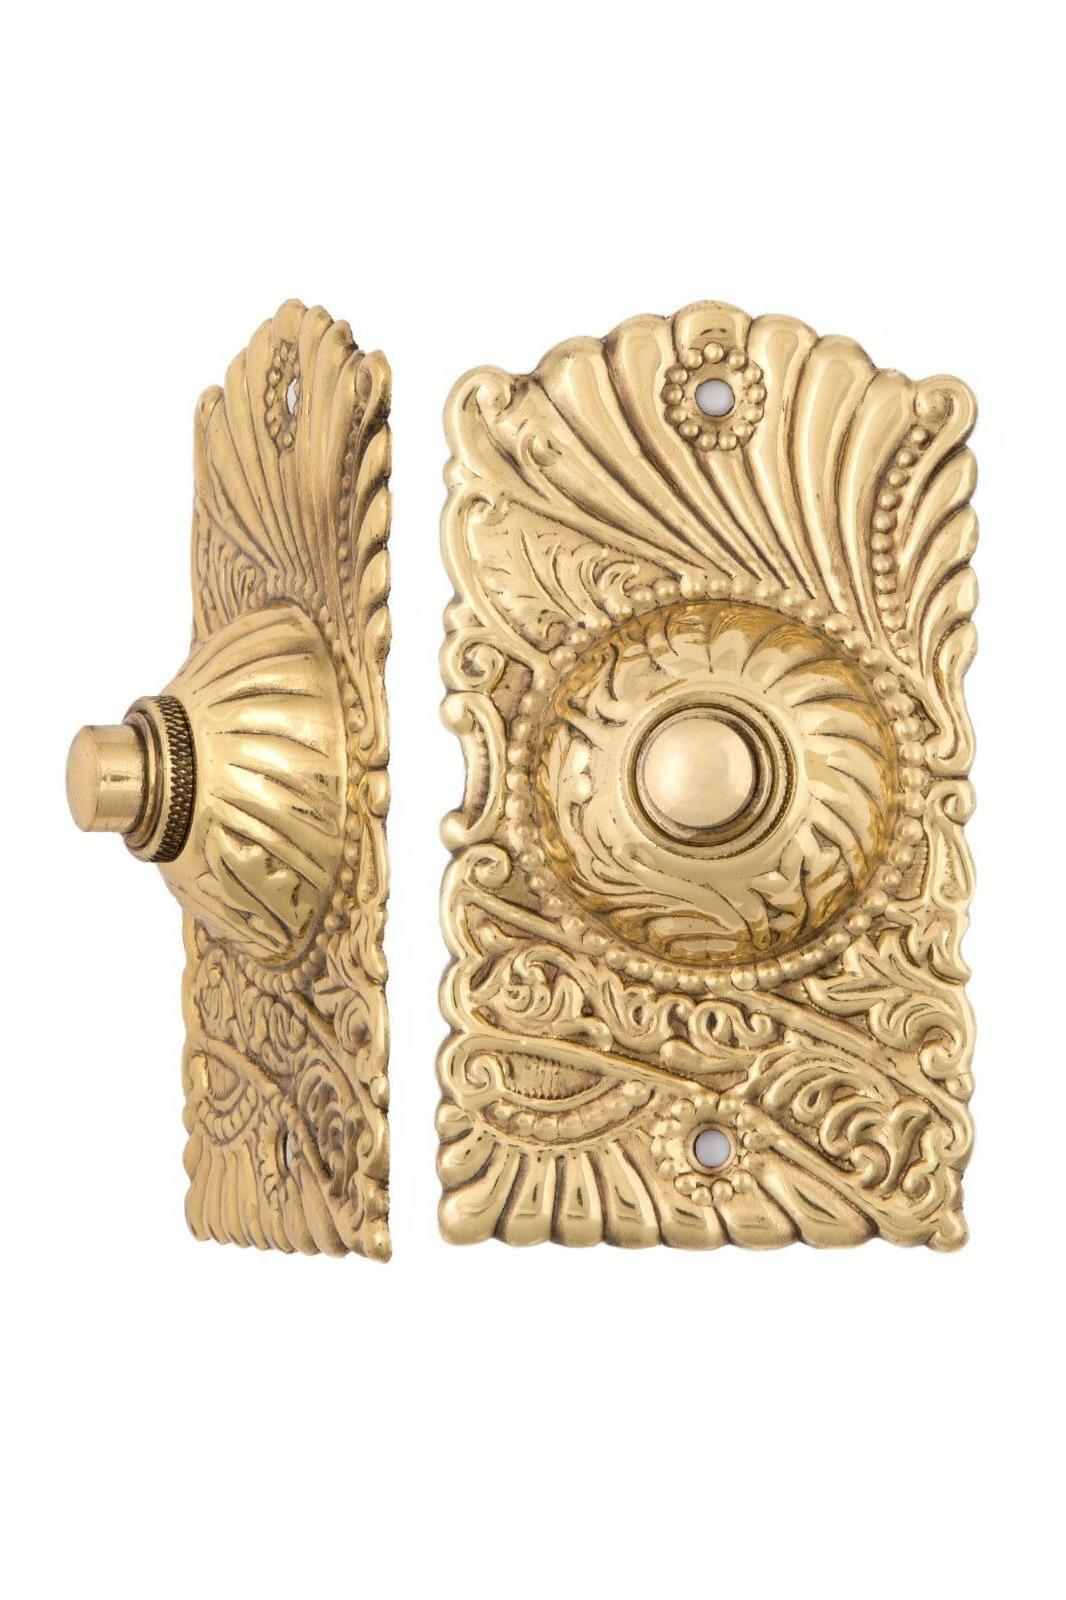 Roanoke Electric Doorbell Antique Copper Brass